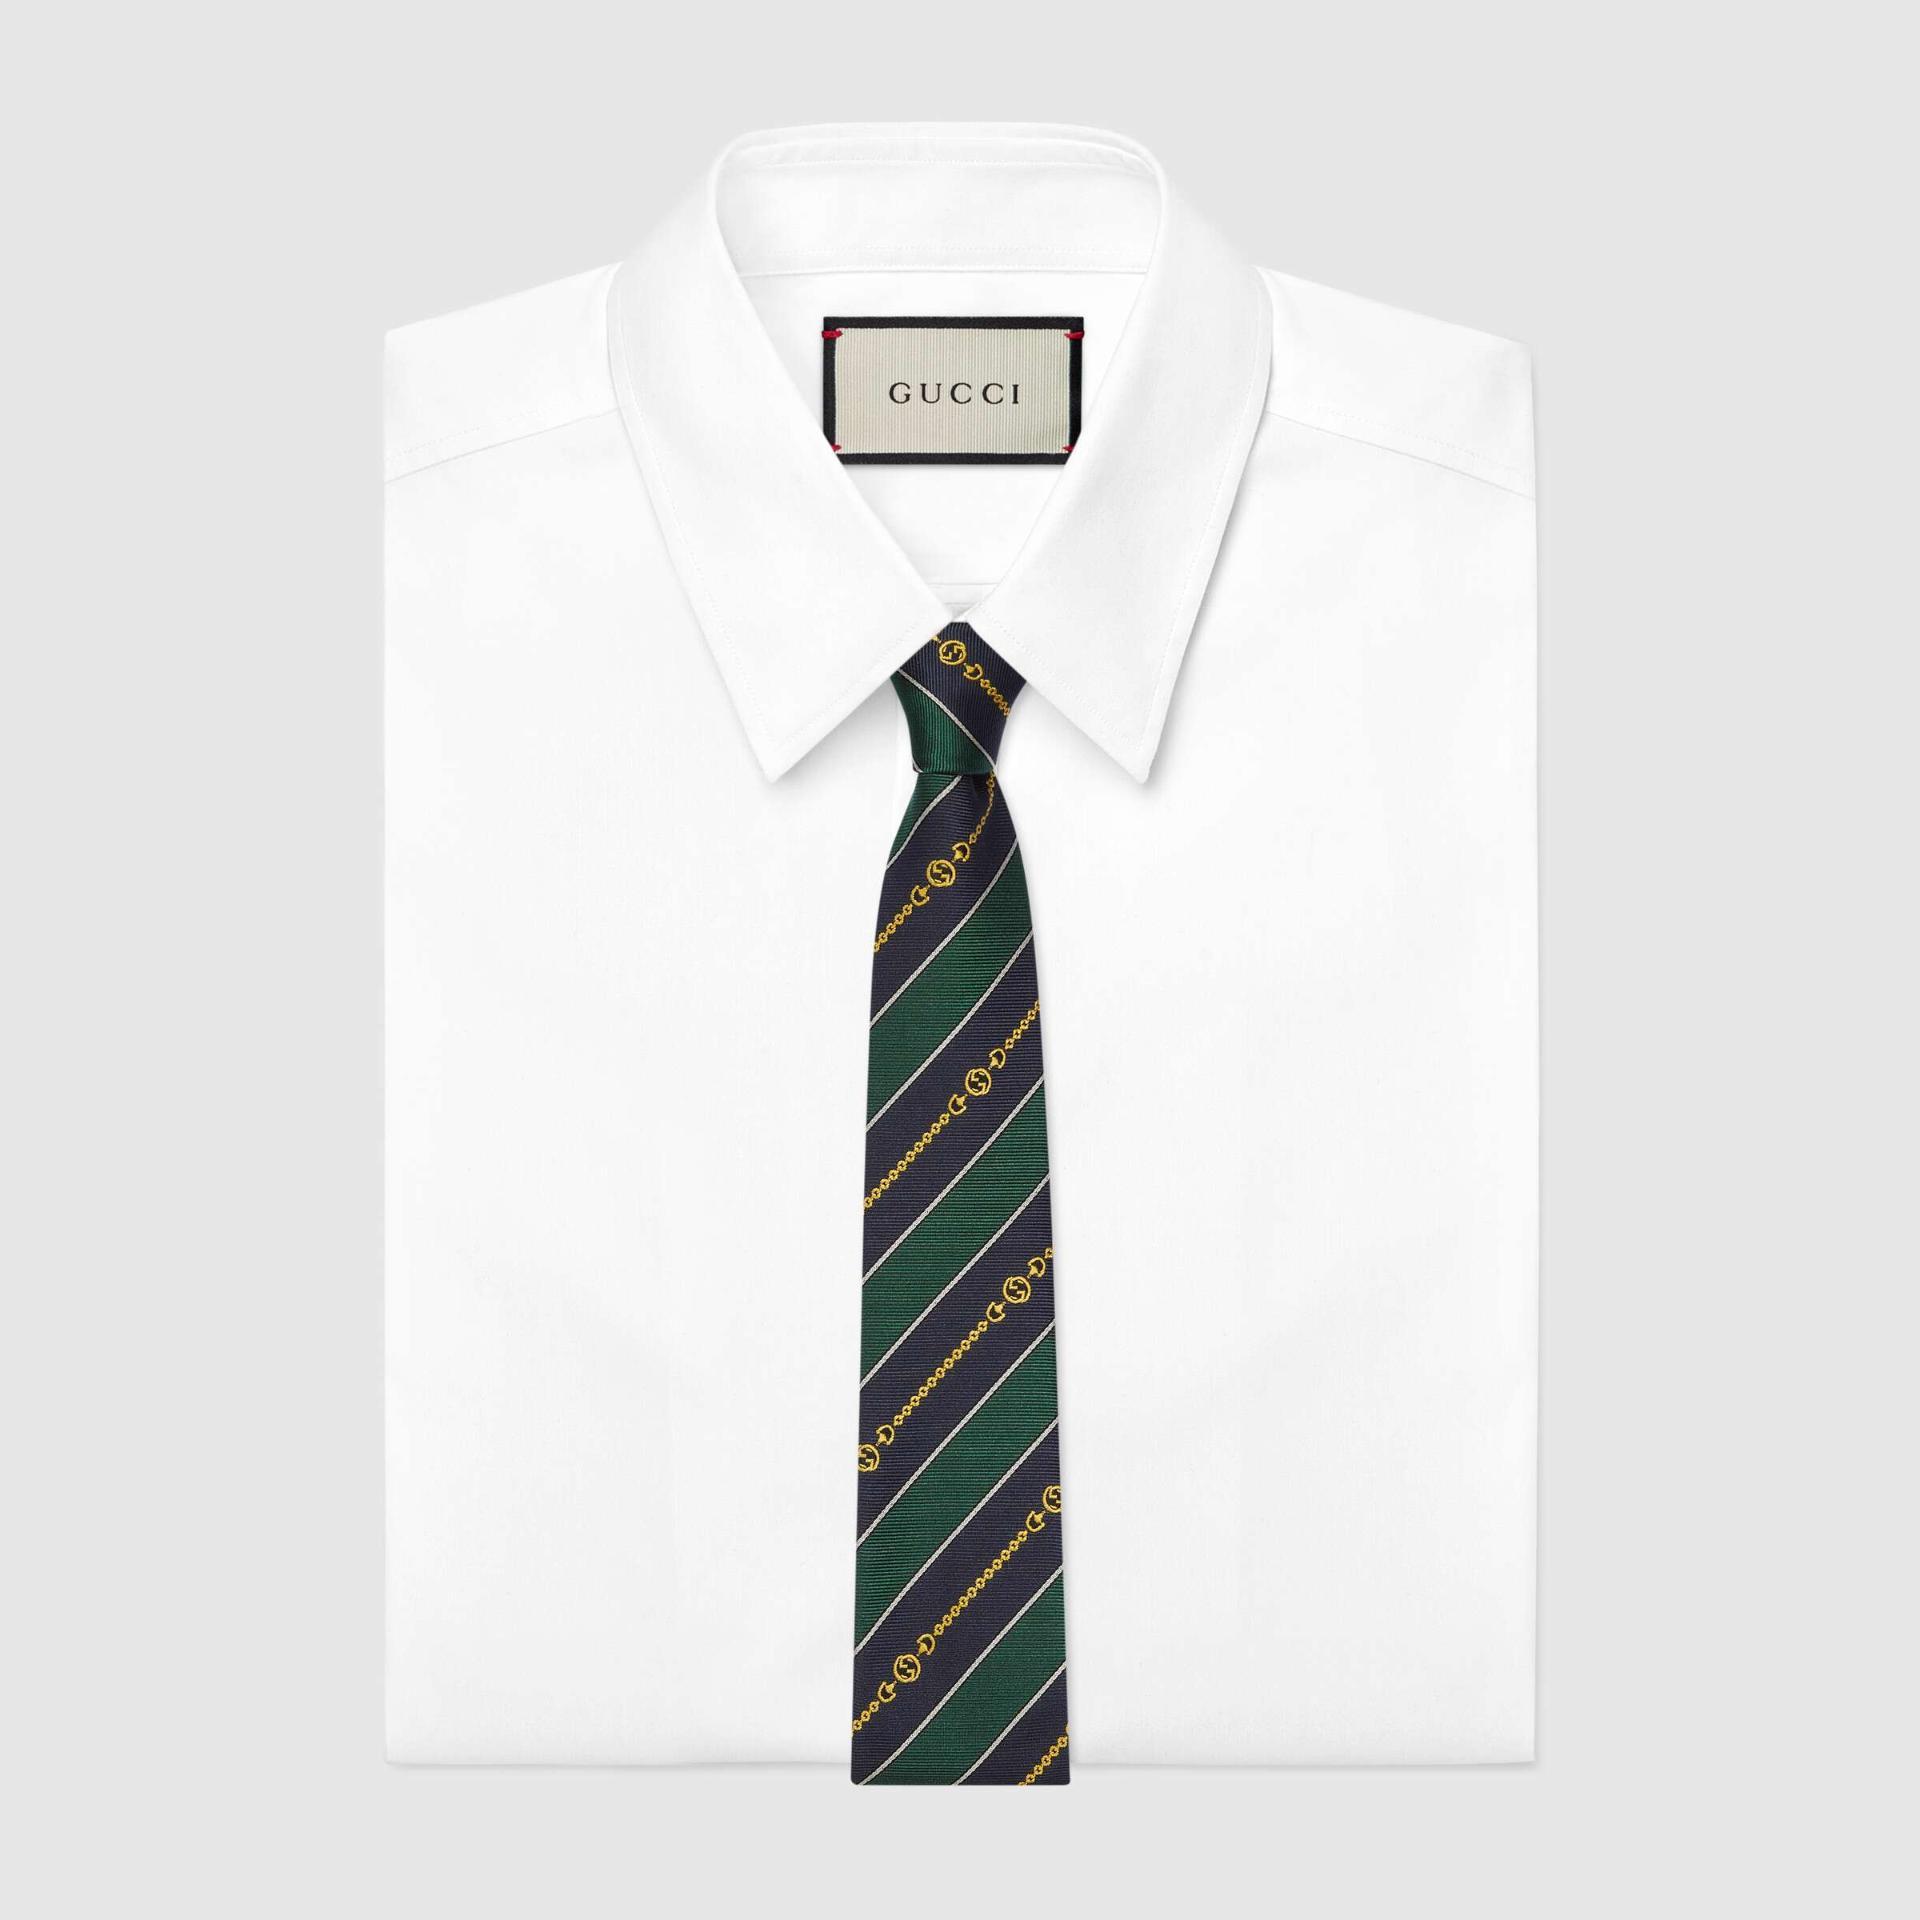 유럽직배송 구찌 GUCCI Gucci Interlocking G chain jacquard silk tie 6439294E0023368